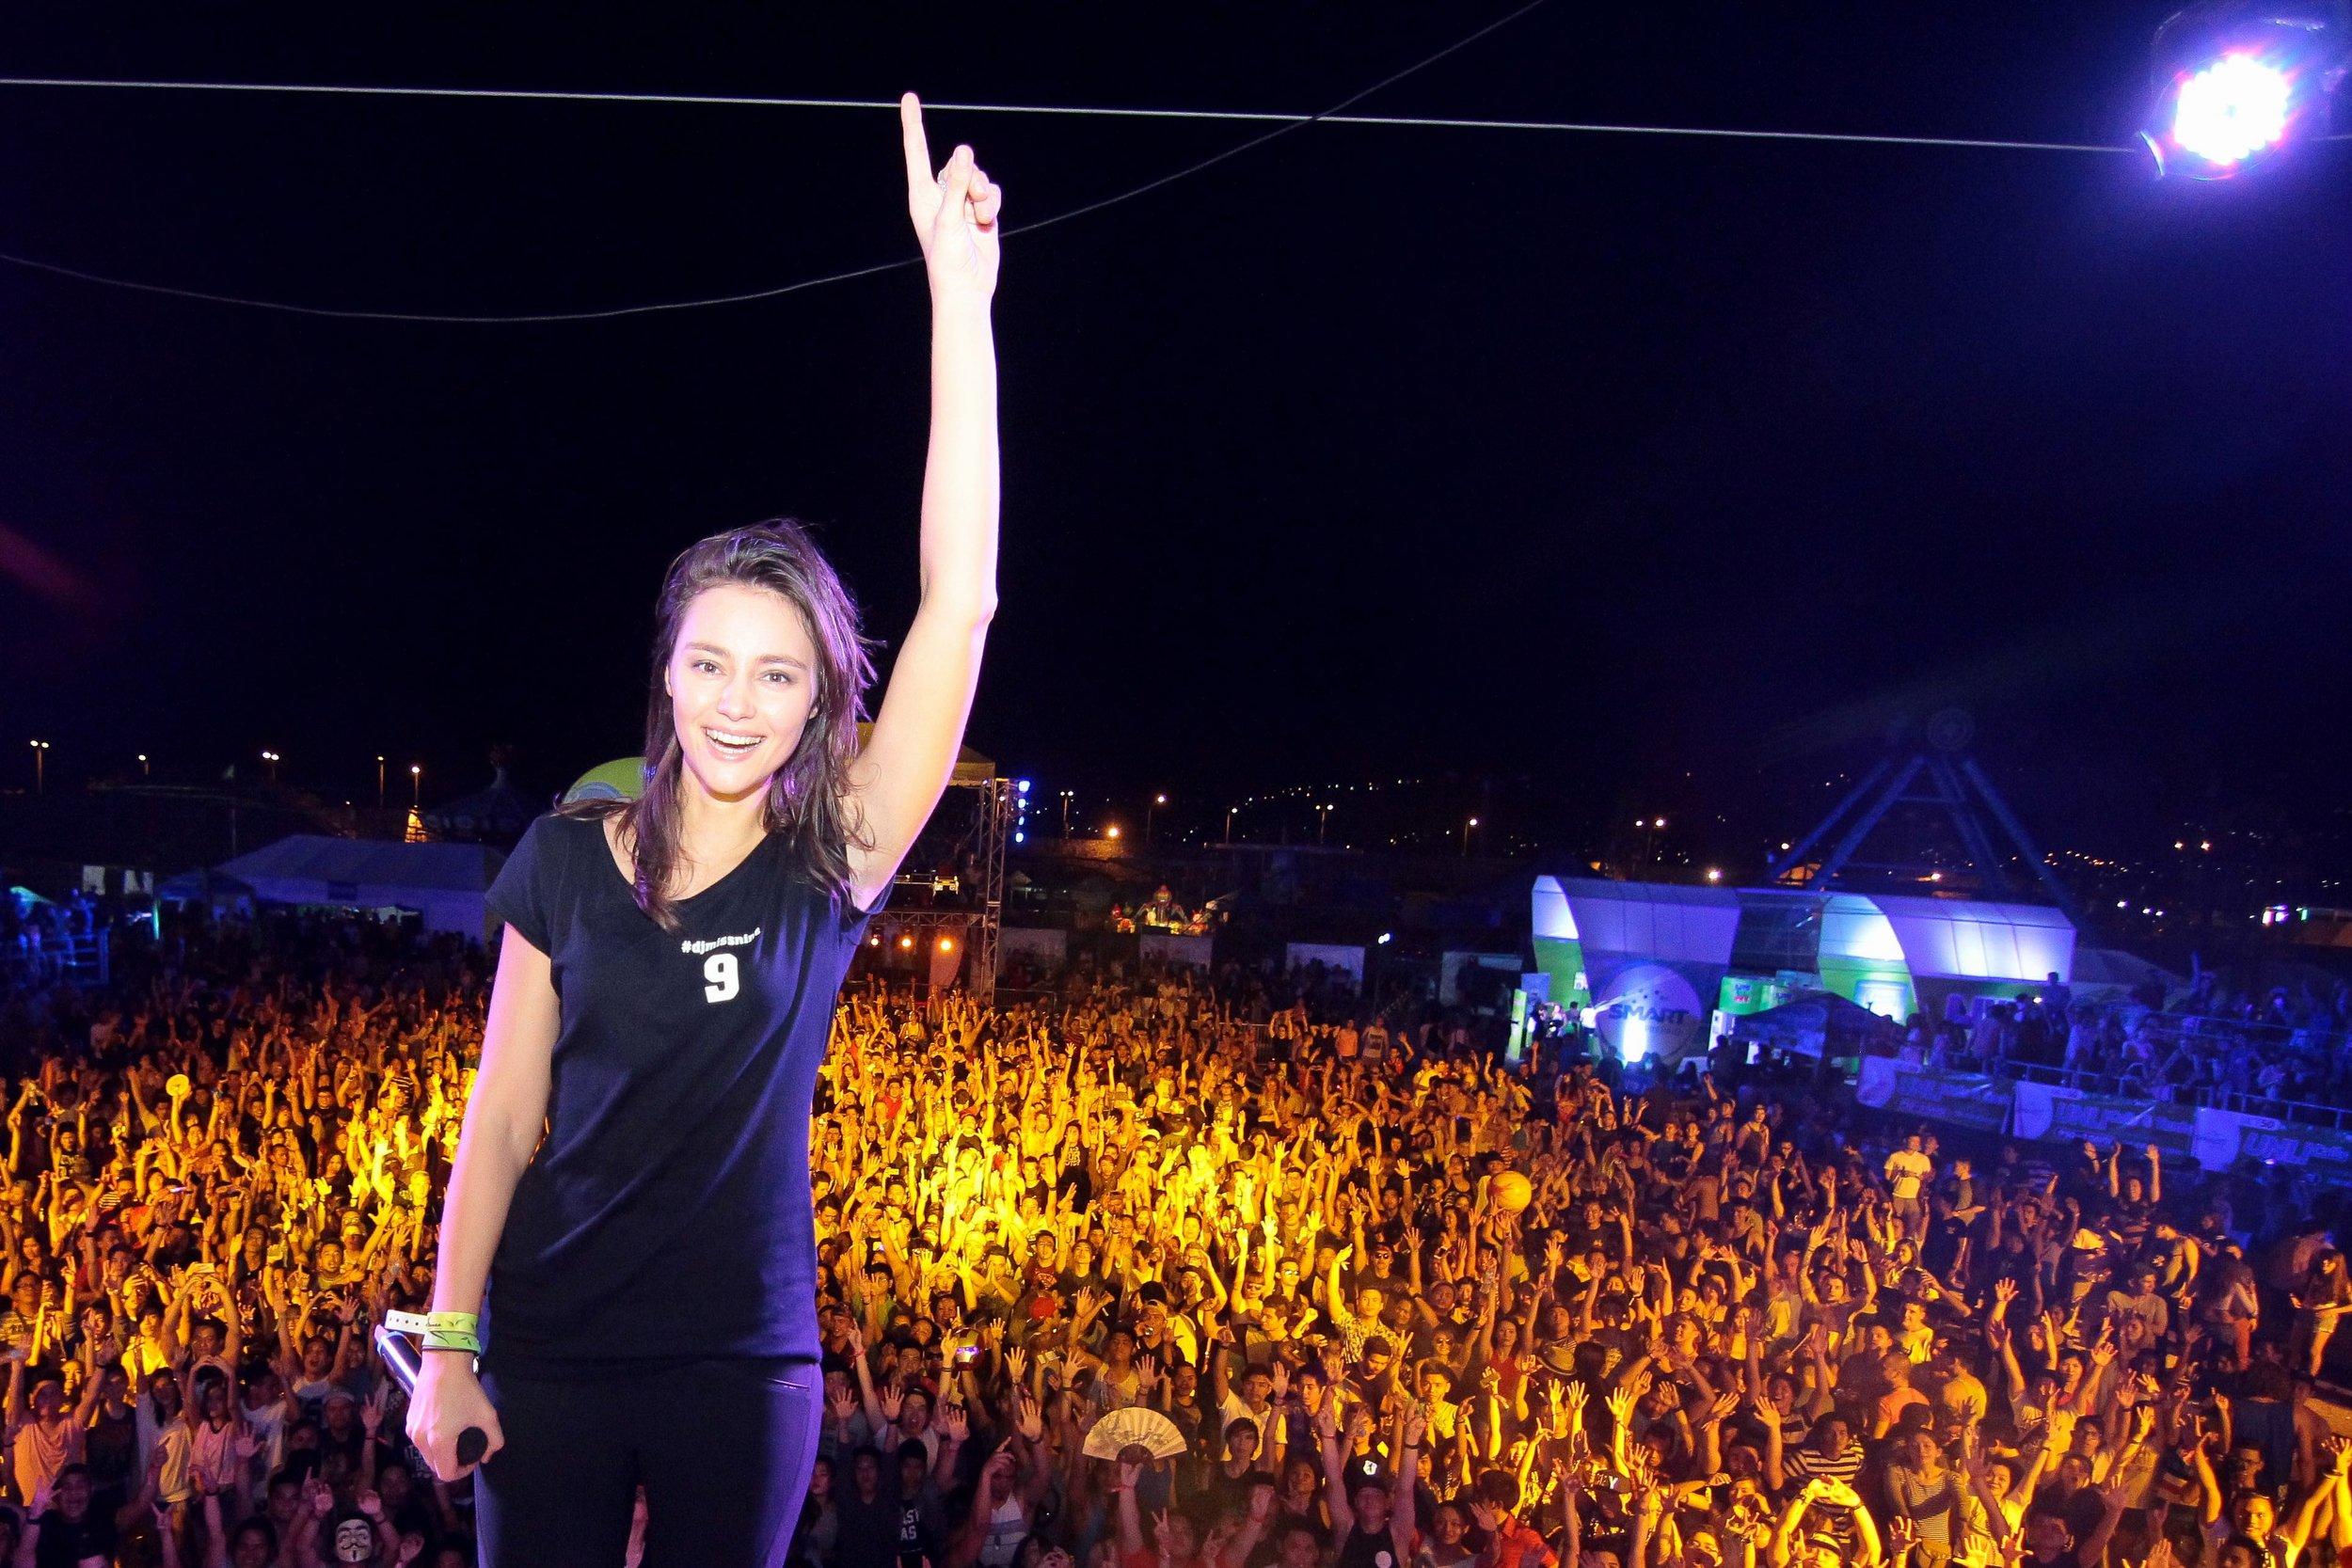 Miss Nine + crowd 3.jpg